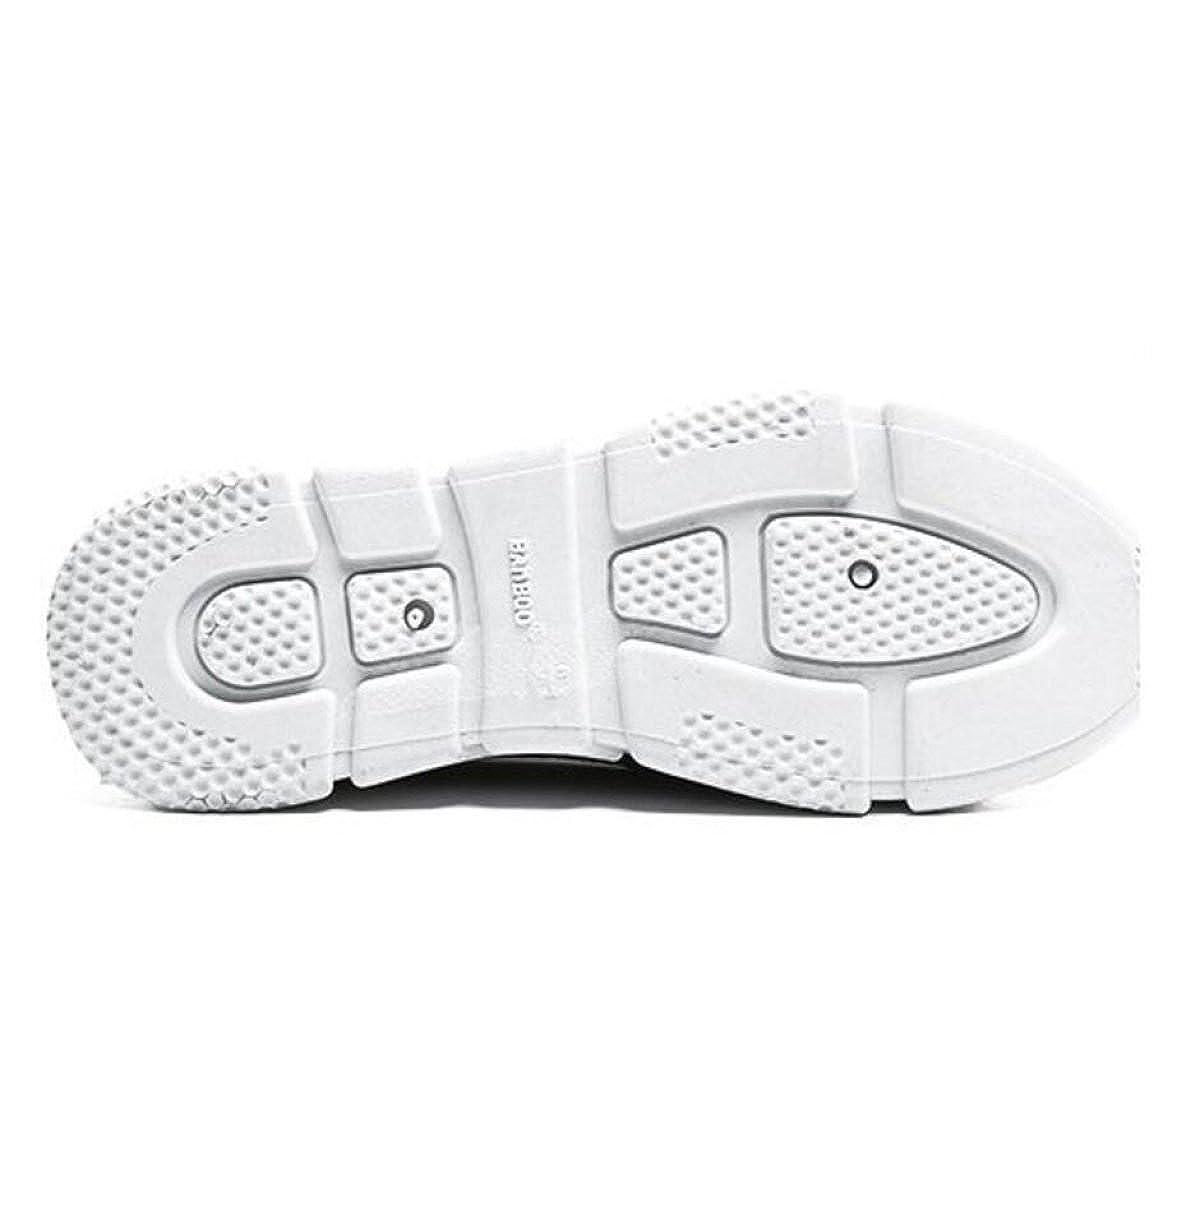 GTYMFH Lässige Elastische Kniestrümpfe Schuhe Schuhe Schuhe Mode Hohe Elastische Schuhe Dicke Unterseite Frauenstiefel 12df87